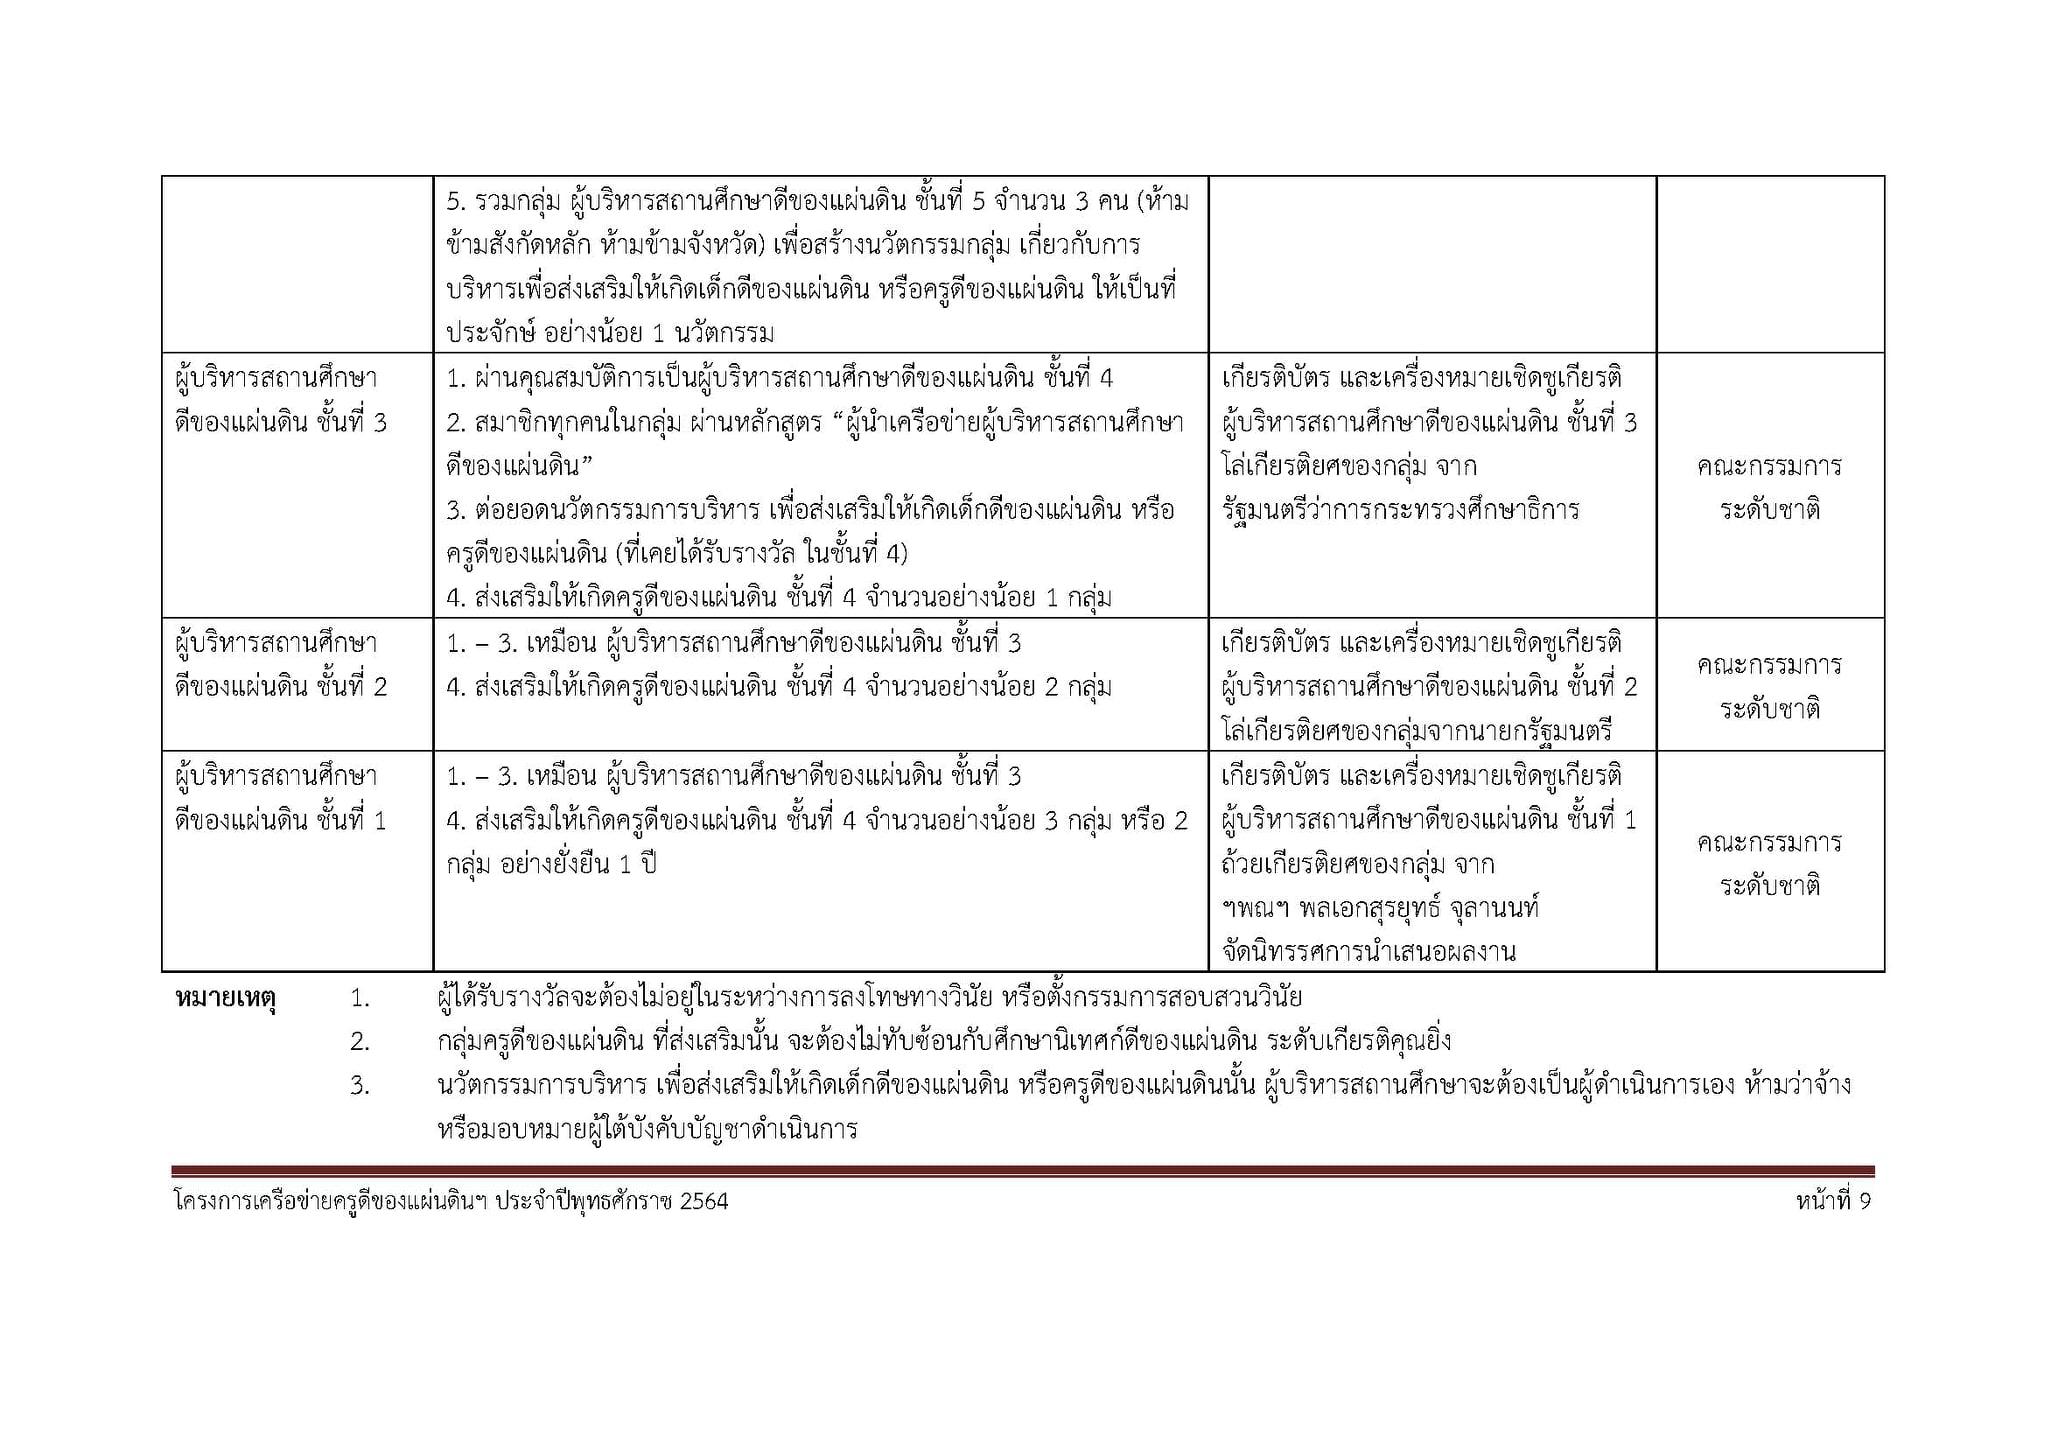 รายละเอียดโครงการเครือข่ายครูดีของแผ่นดิน ปี 2564 เตรียมเปิดรับสมัคร เร็วๆ นี้